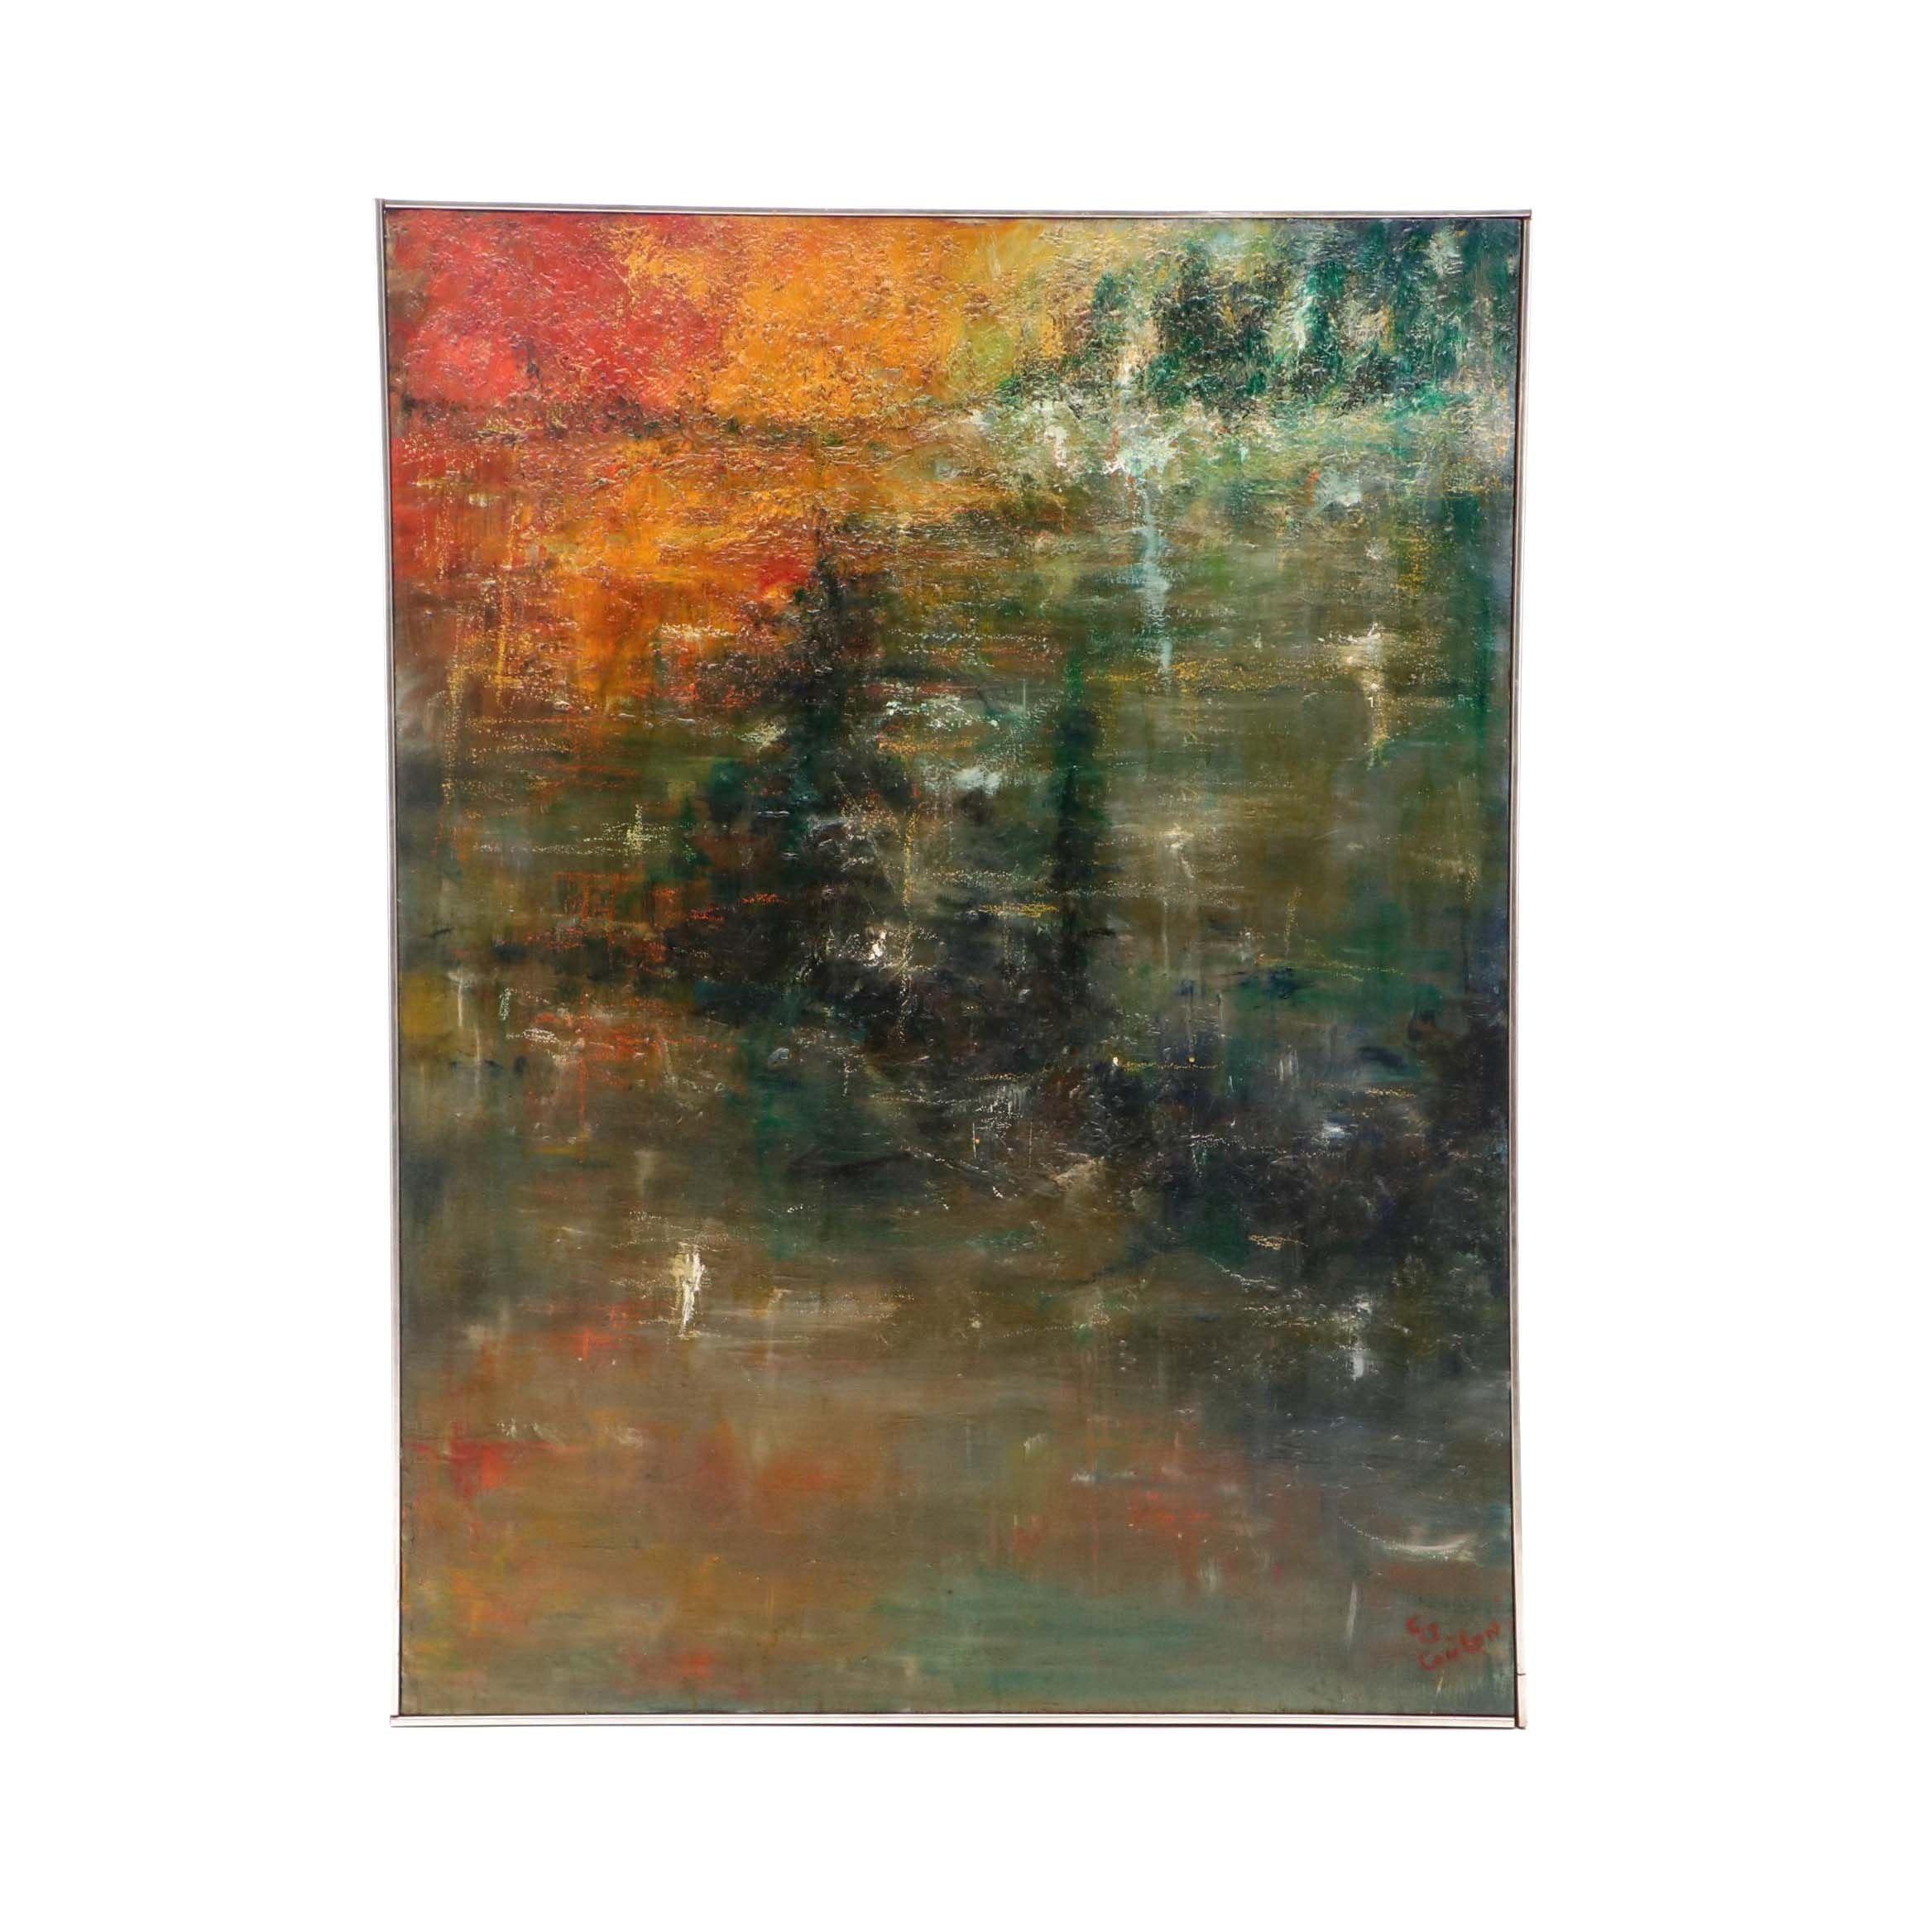 C. S. Conlon Mid-Century Abstract Oil Painting